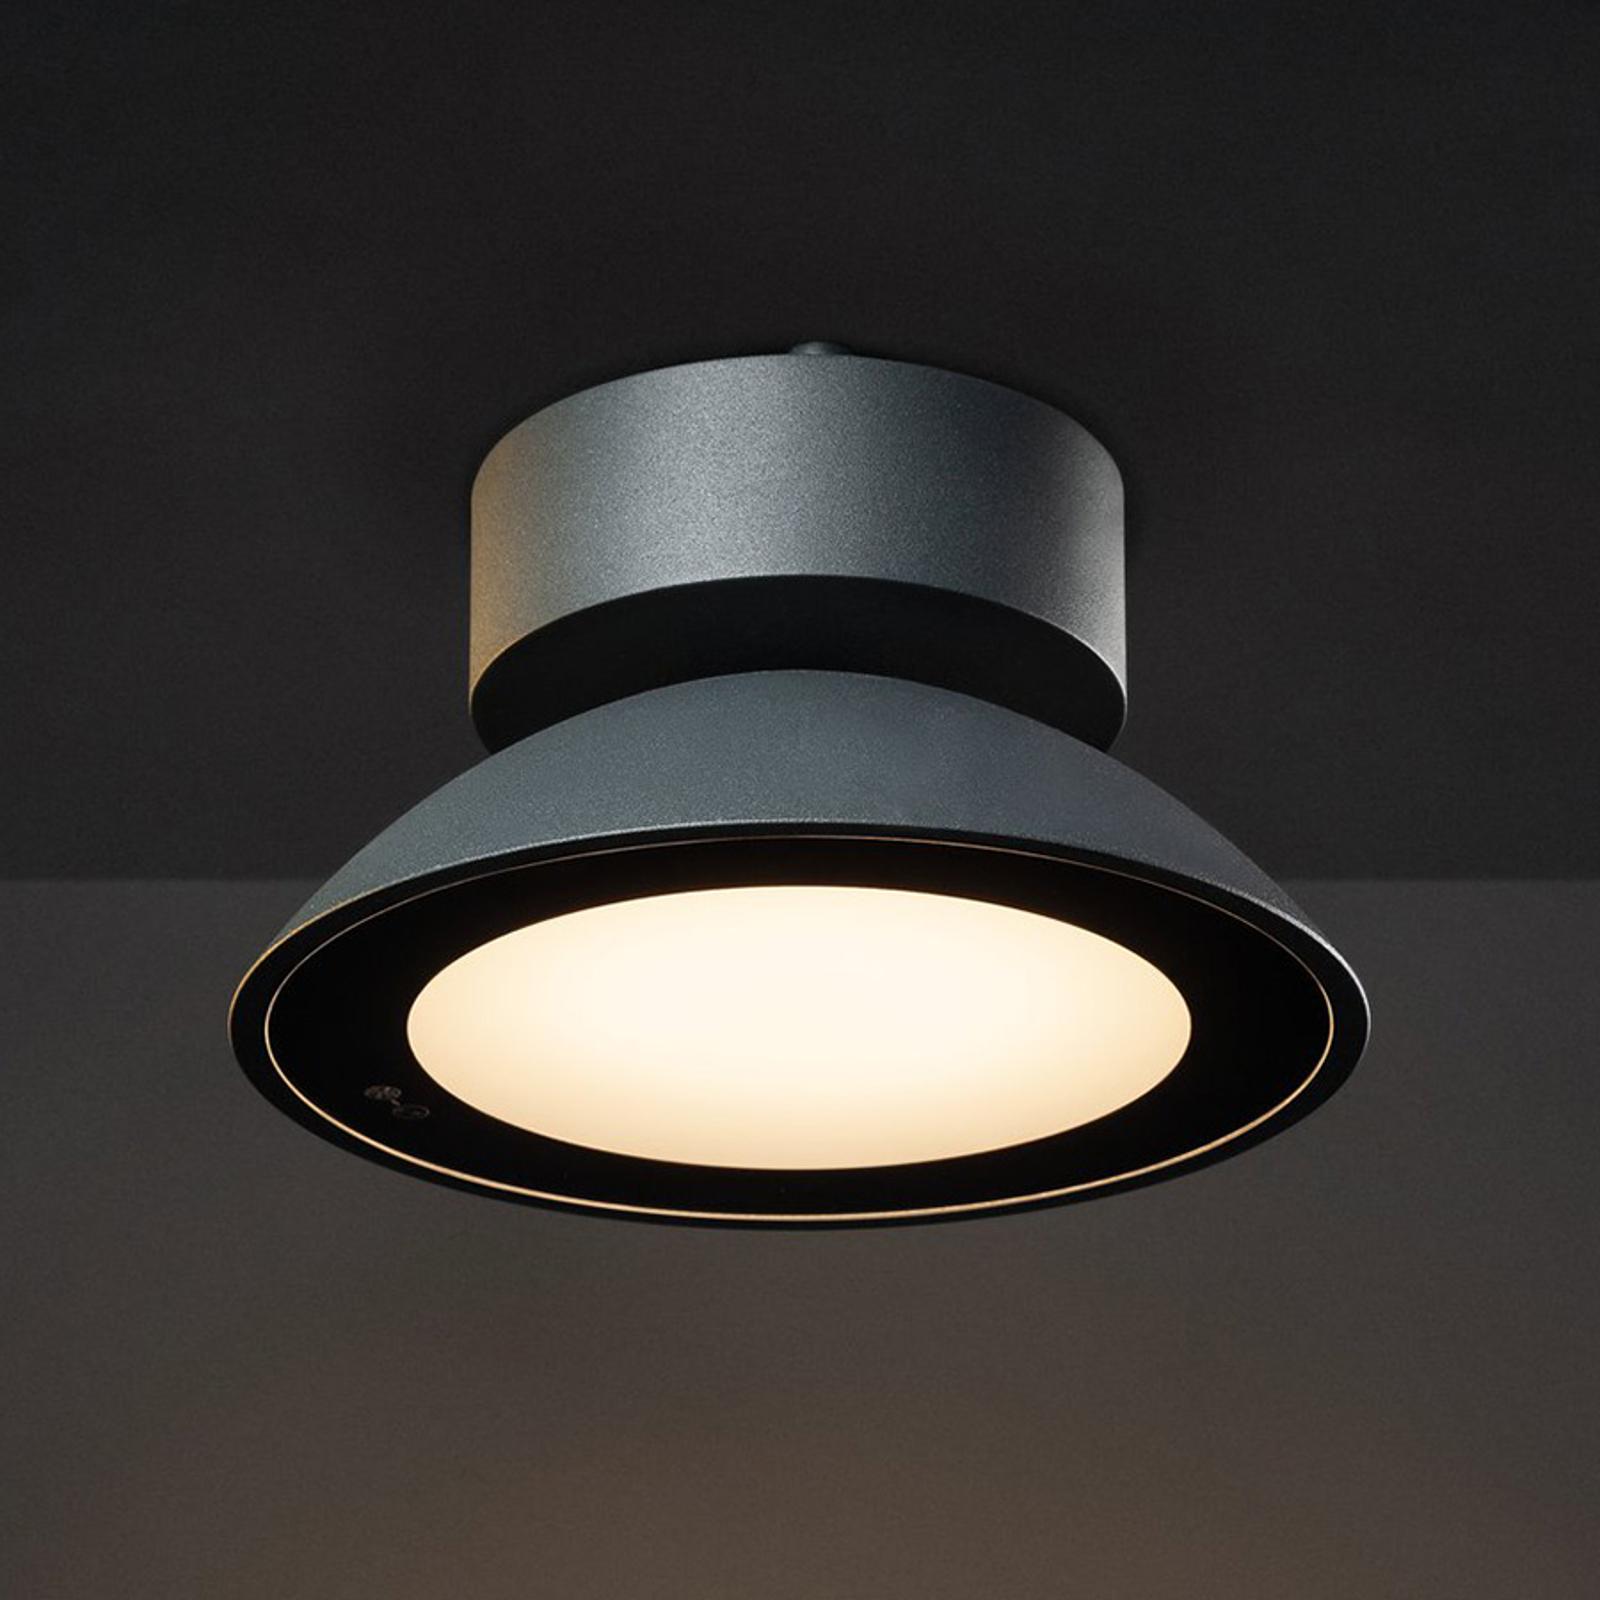 SLV Malu lampa sufitowa zewnętrzna LED antracyt